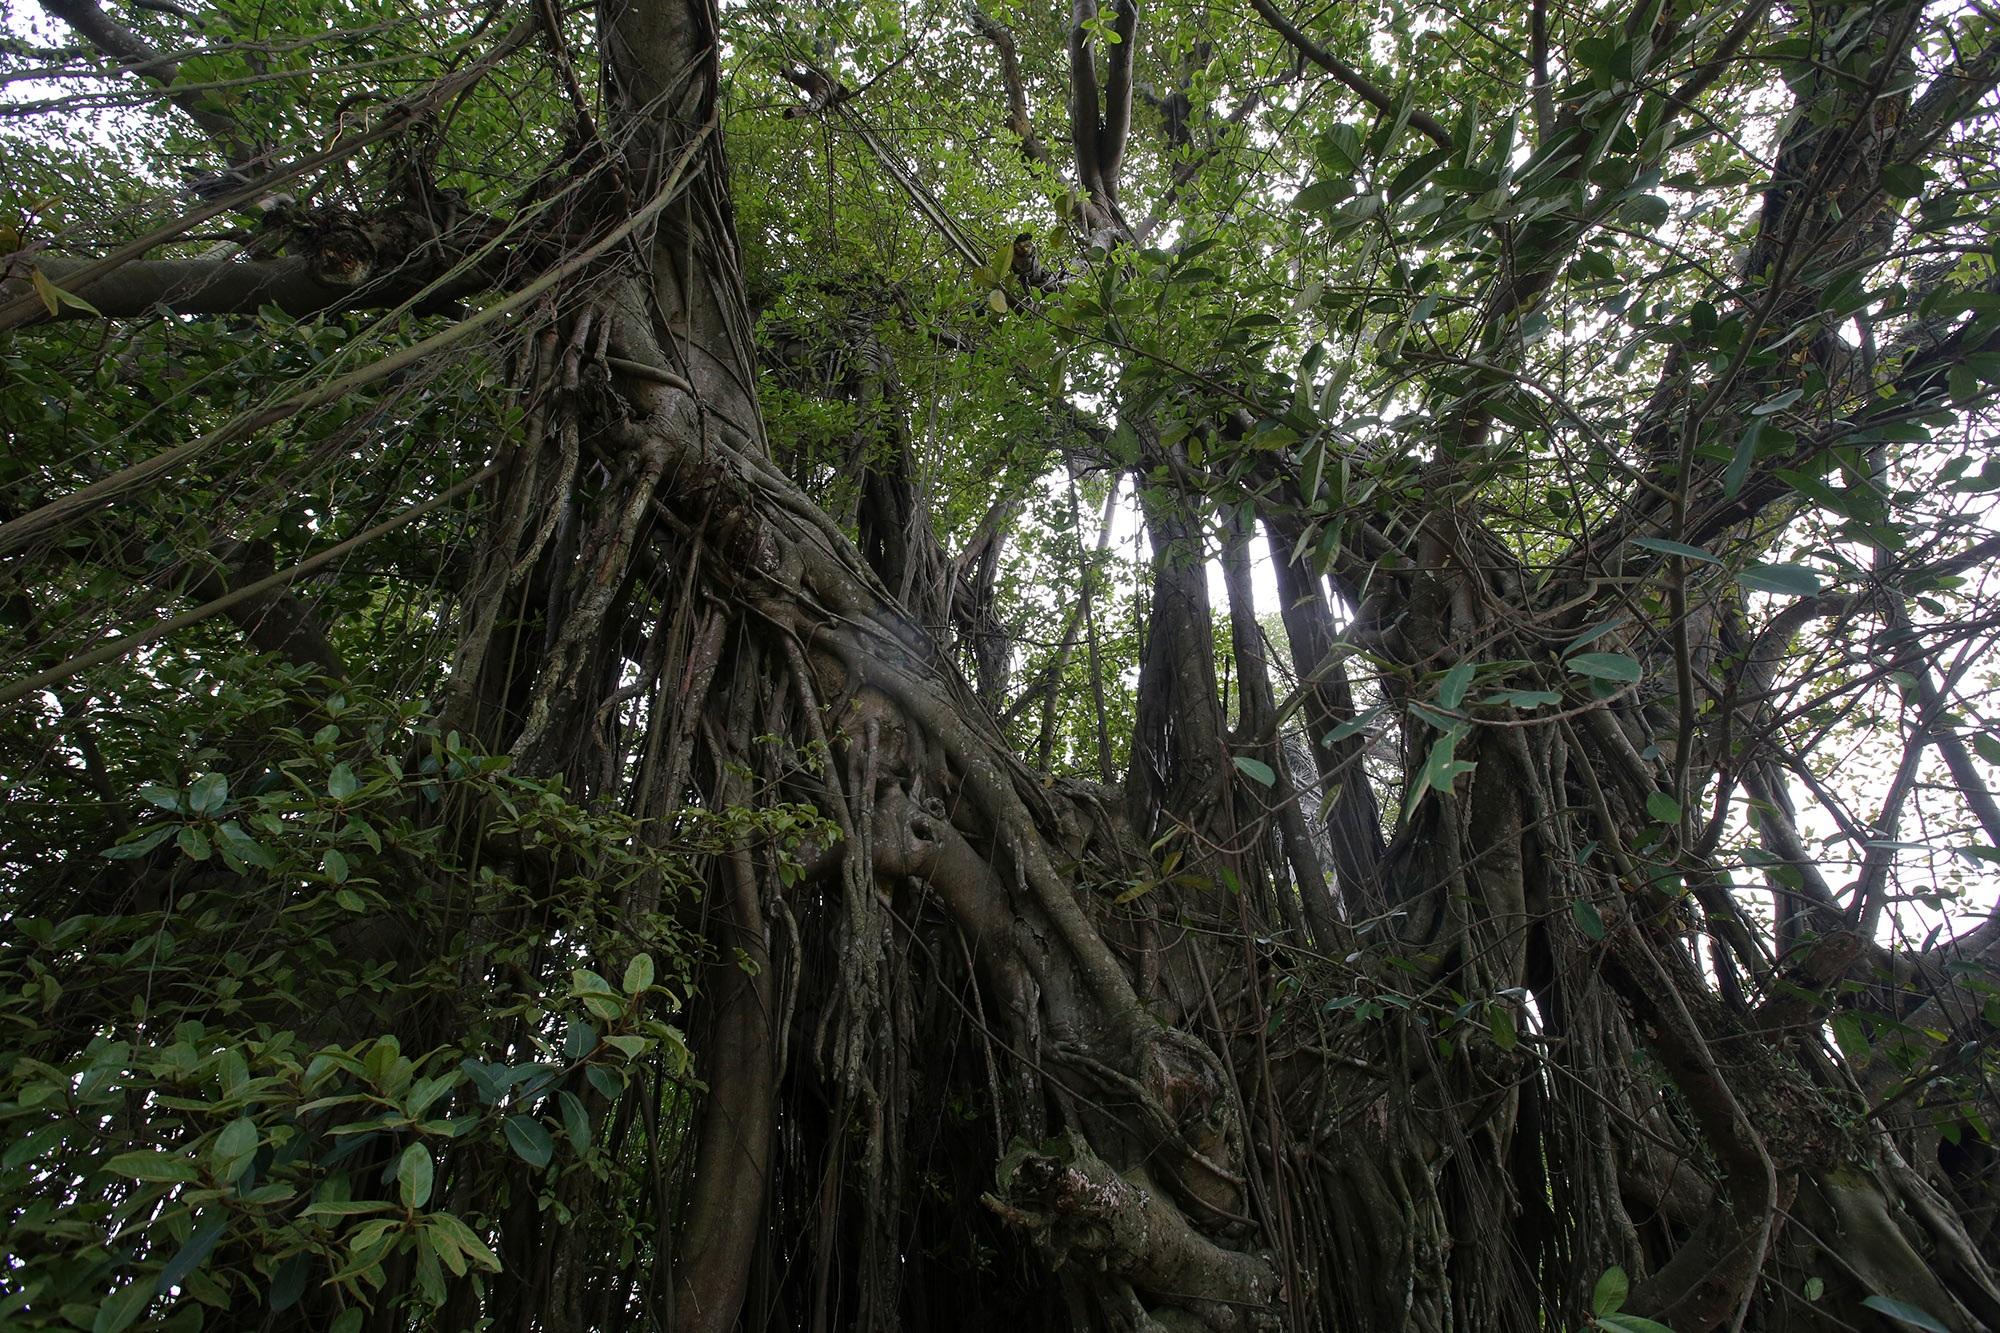 Chuyện ít người biết về cây đa khổng lồ ở xã Viên Nội - 5